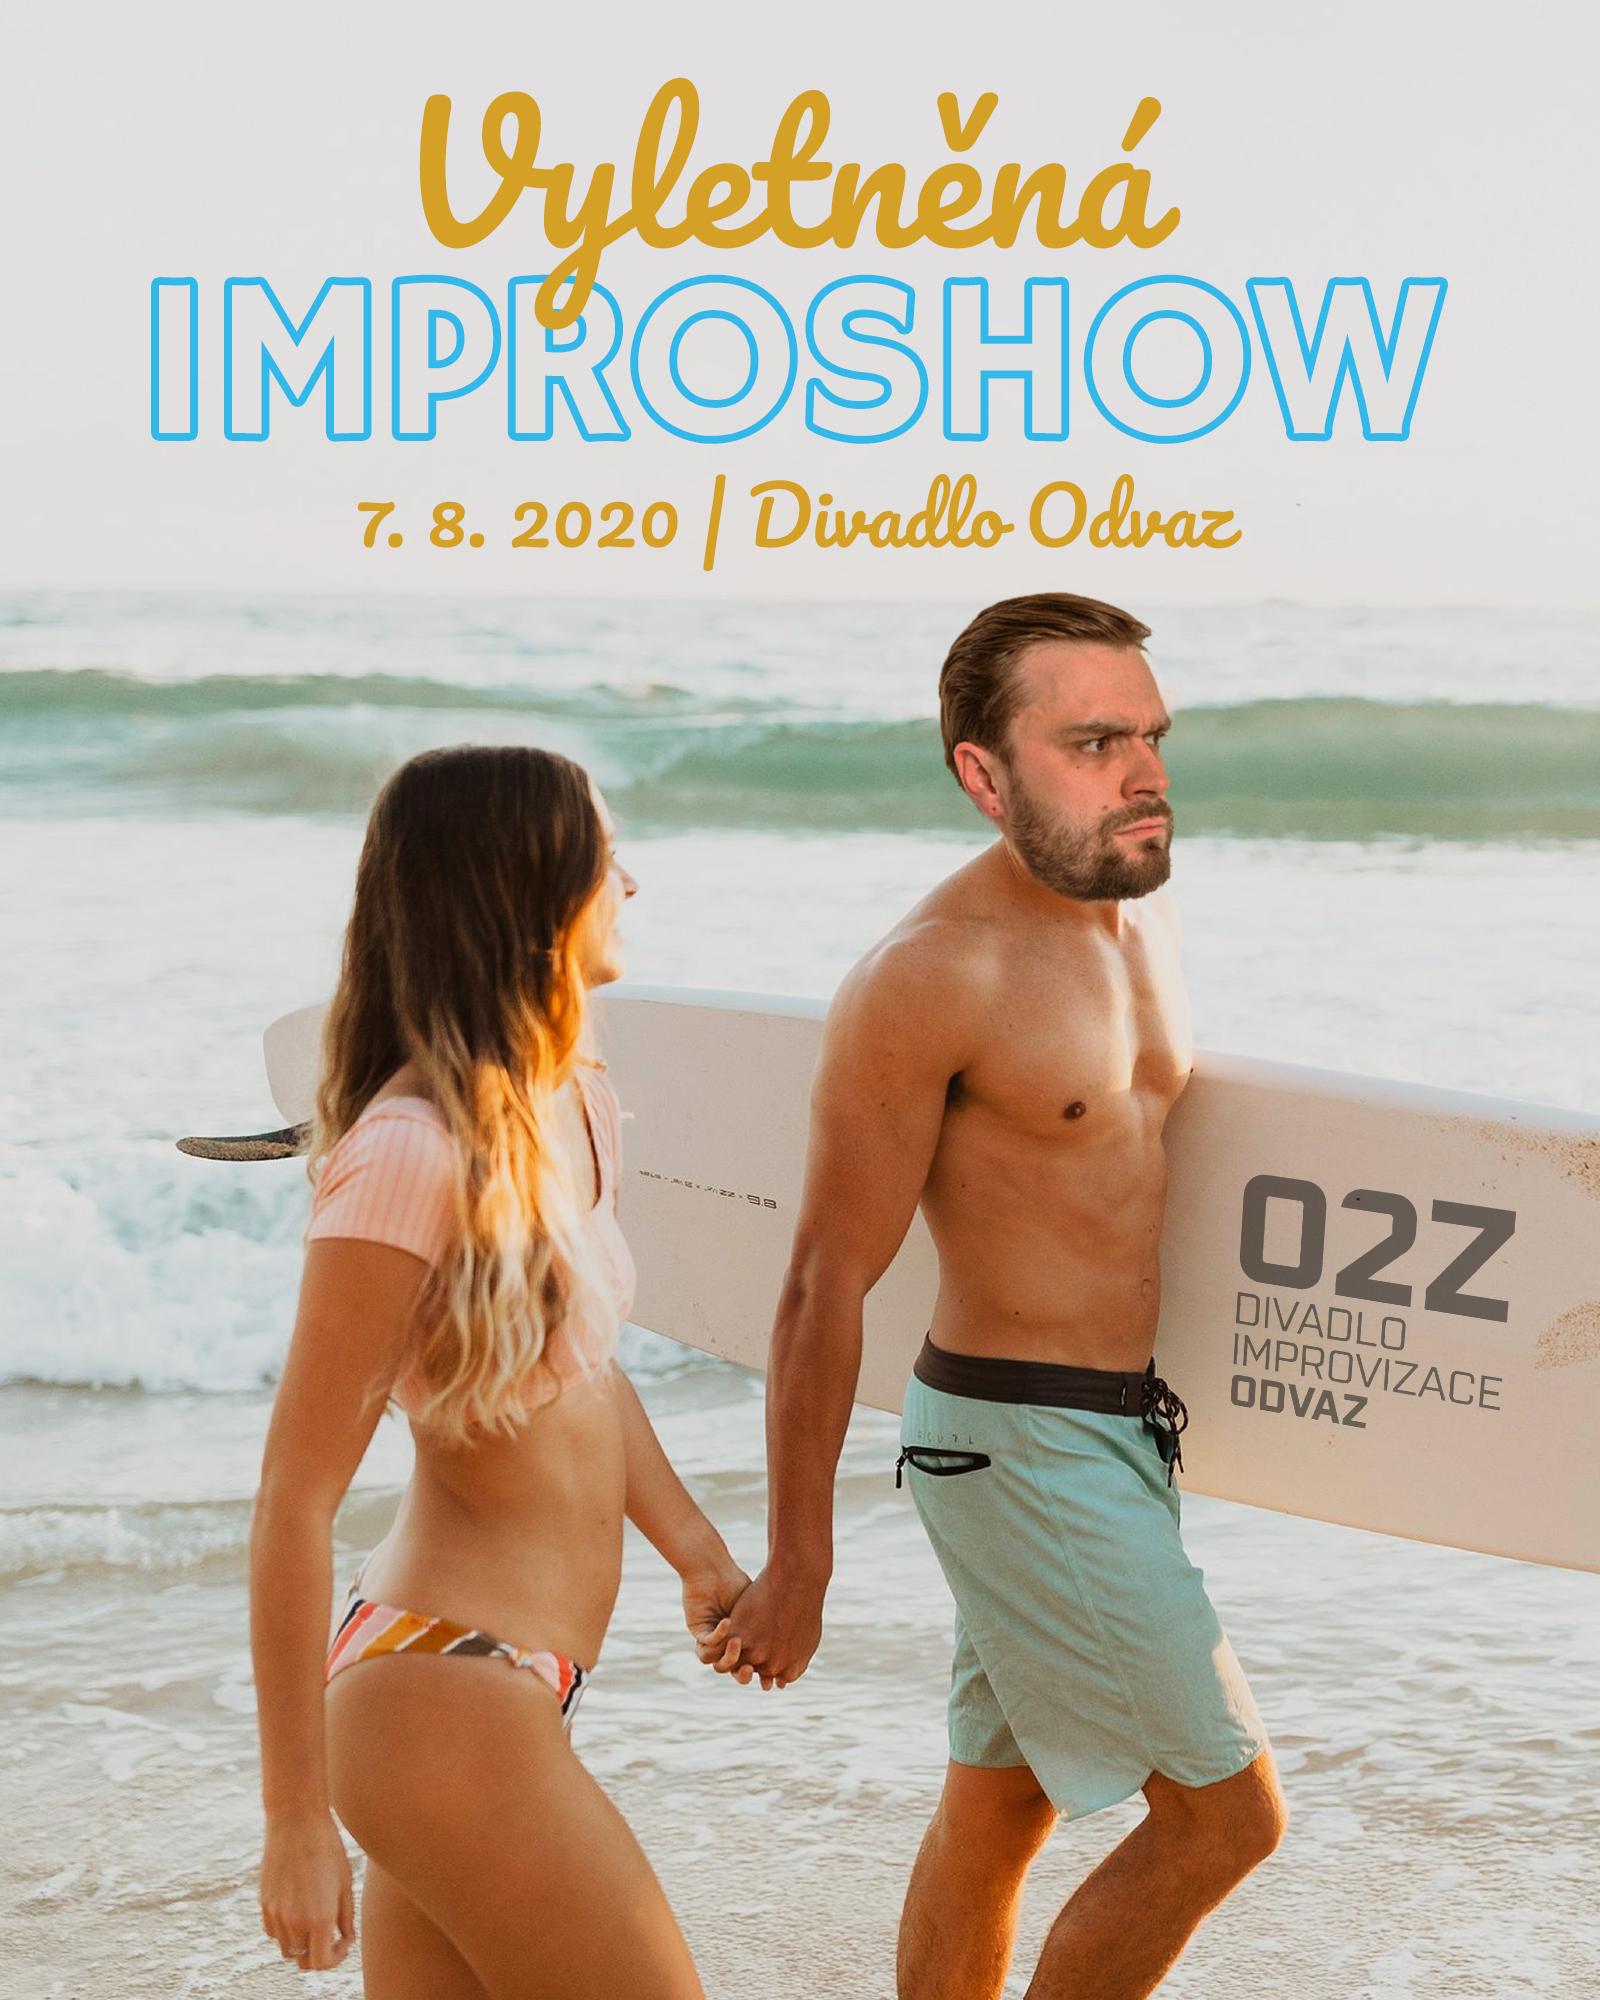 Vyletněná Improshow